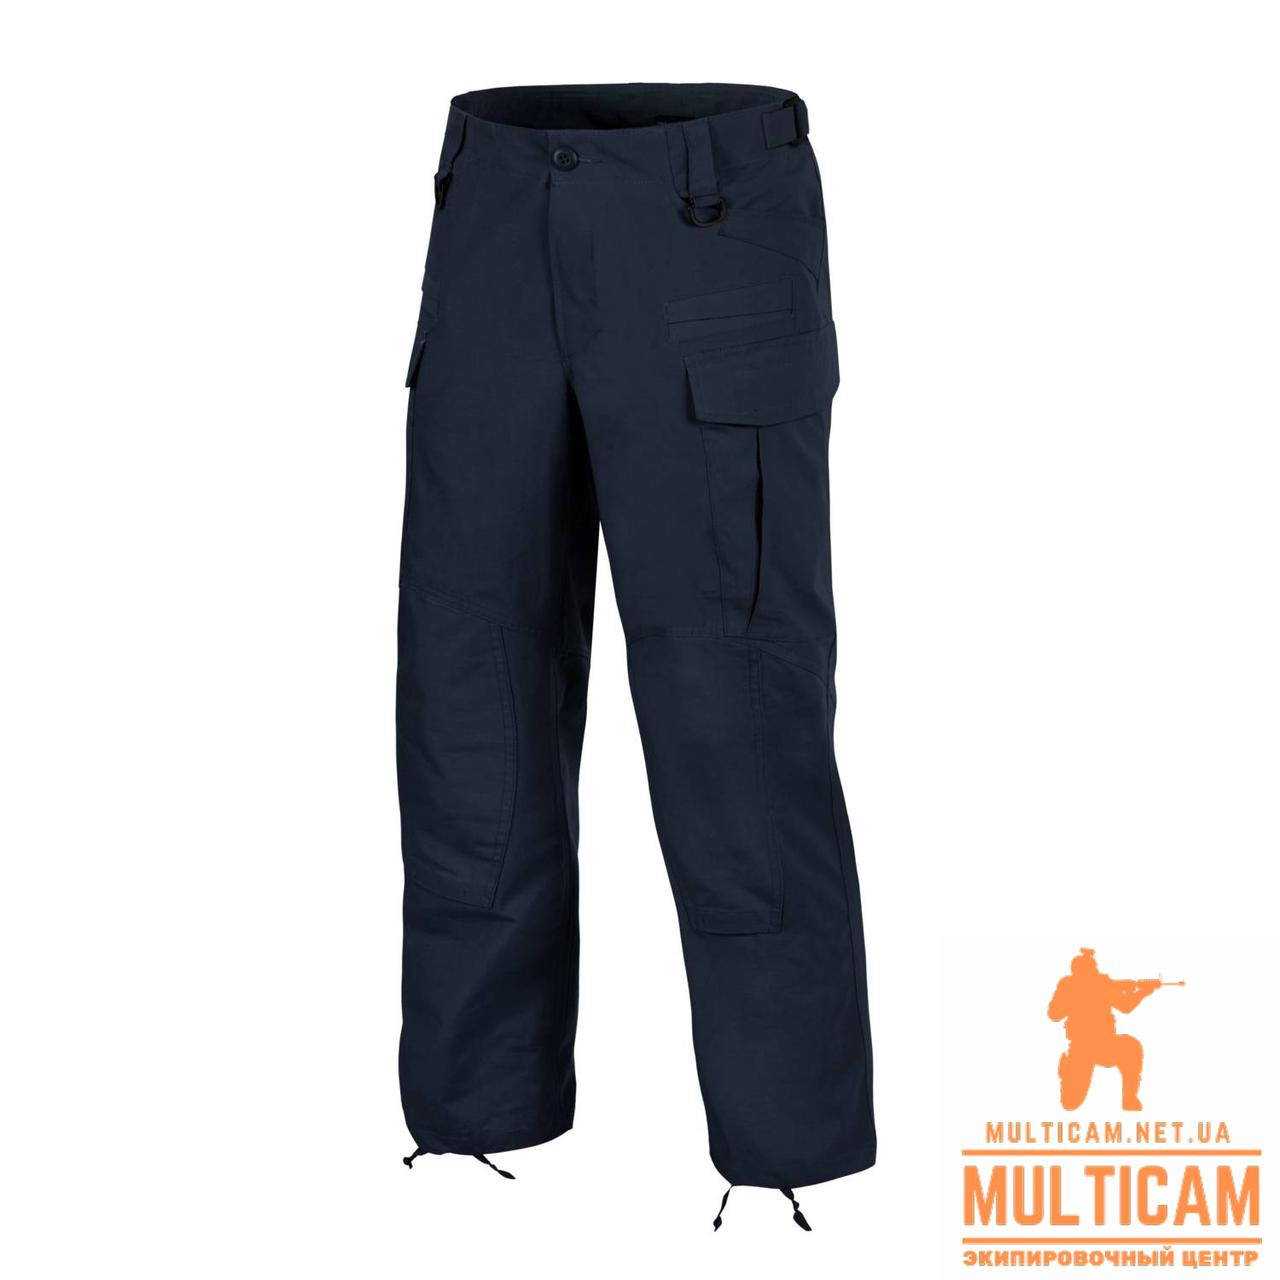 Брюки Helikon-Tex® SFU NEXT Pants® - PolyCotton Ripstop - Navy Blue